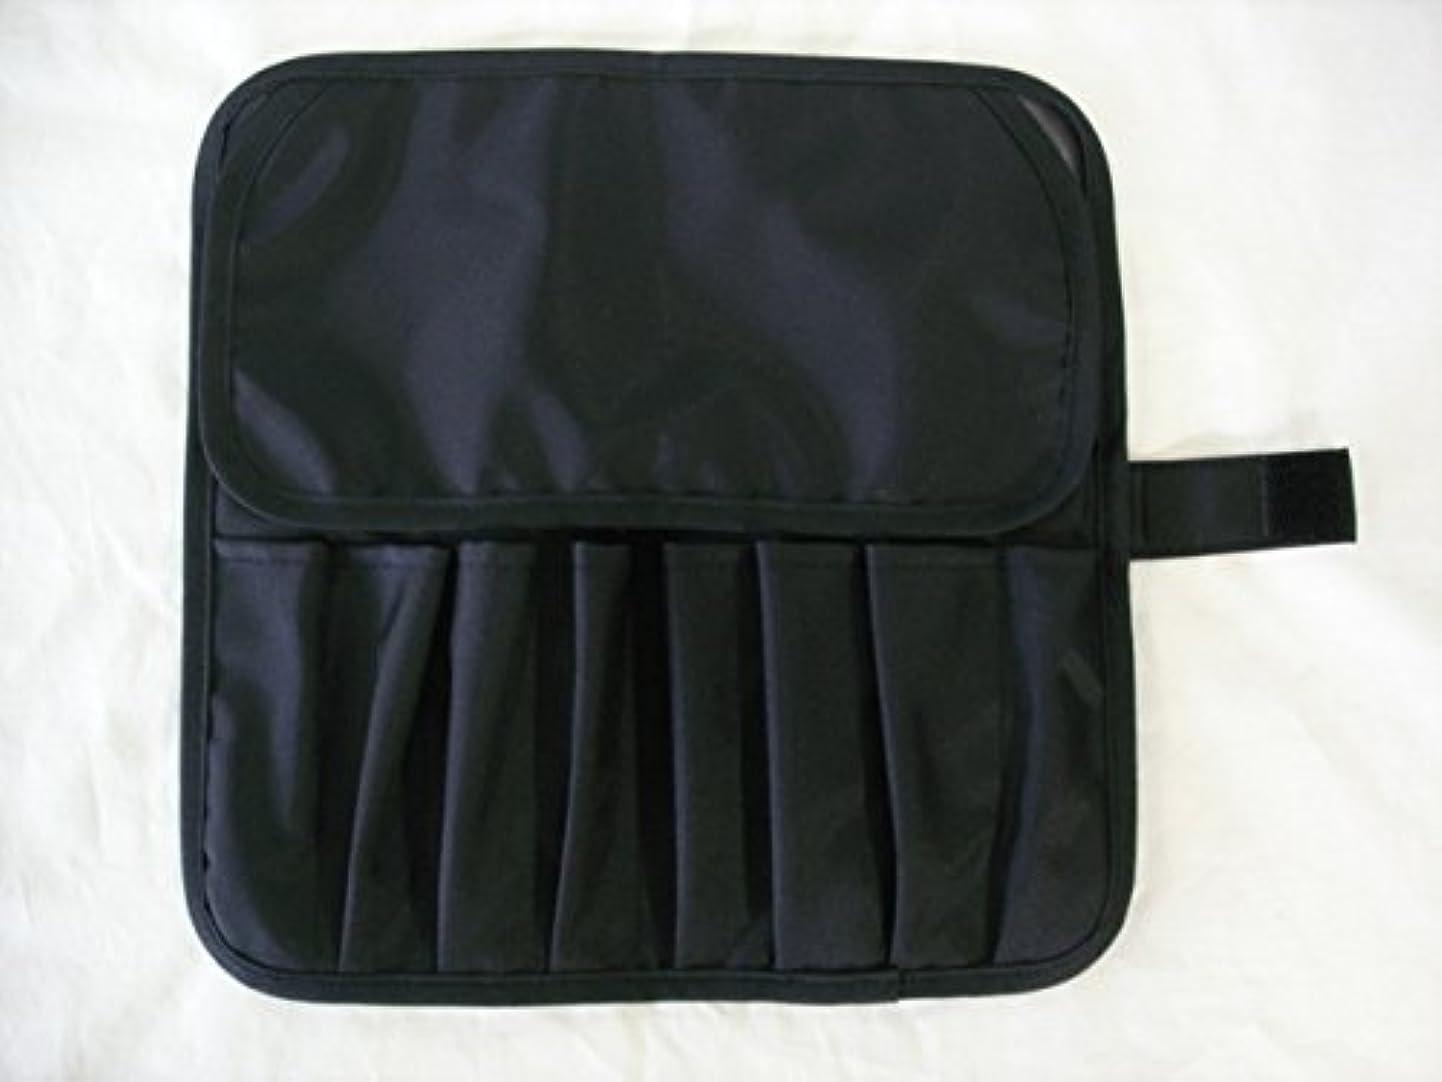 脈拍引数先生日本製 メイクブラシケース8ポケット付 ブラック